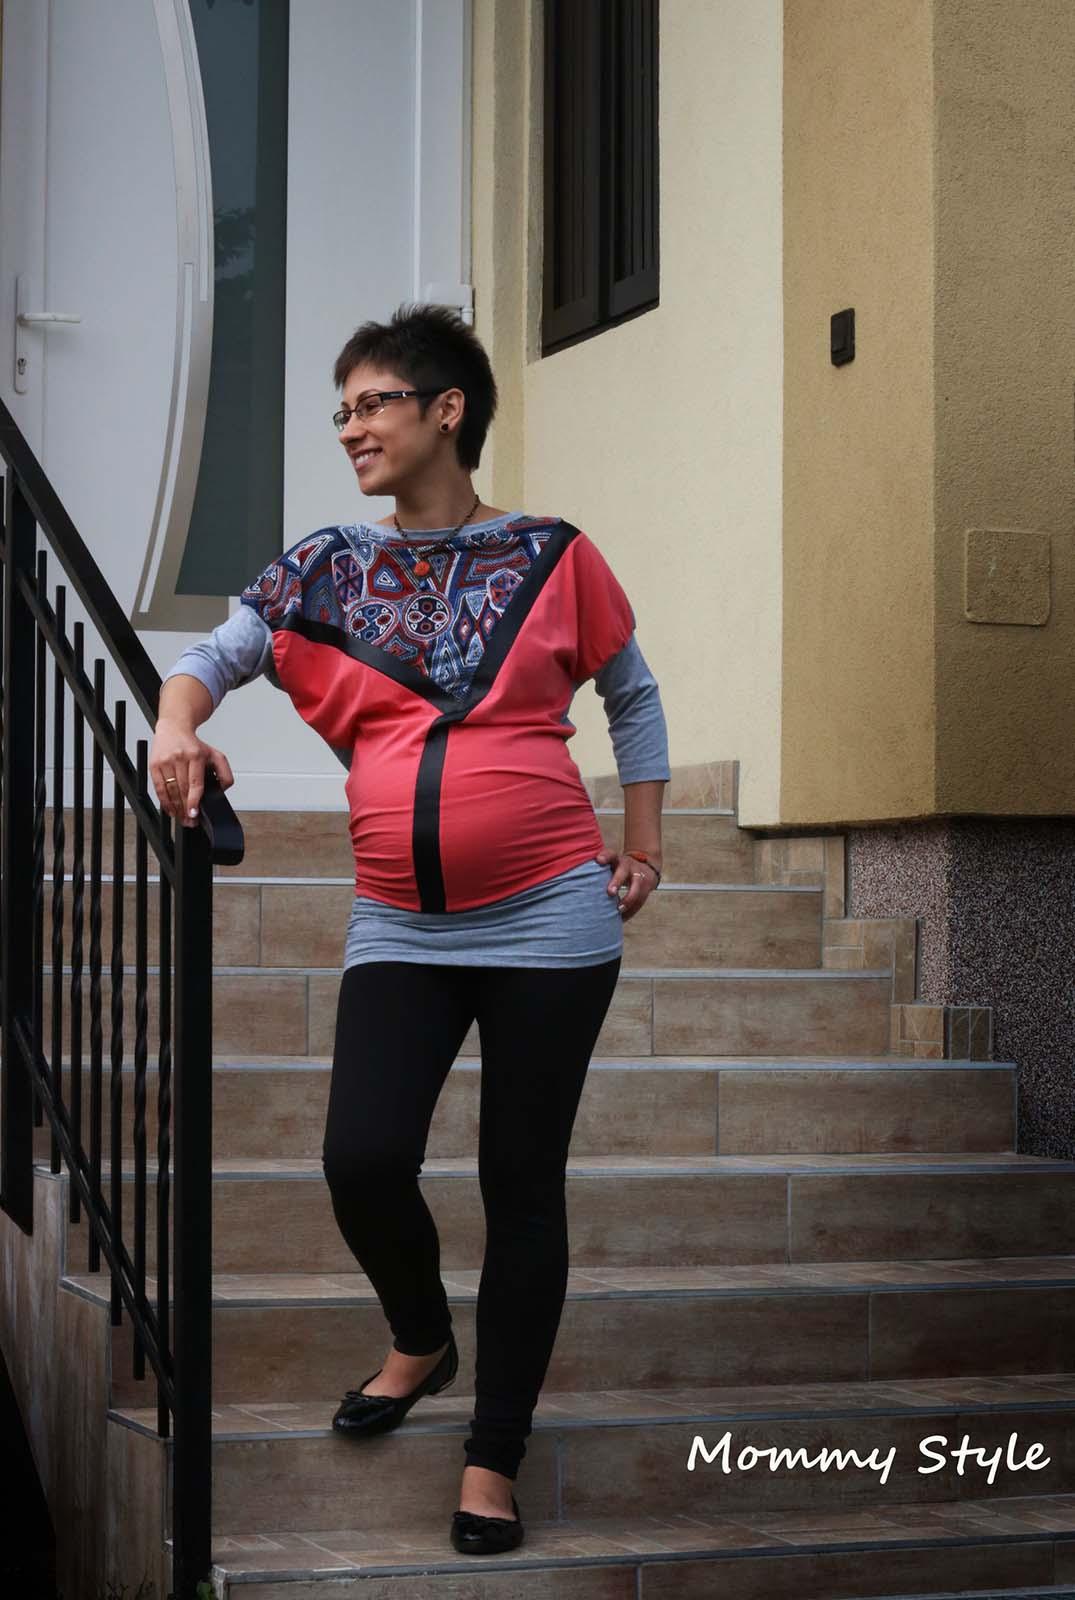 Mommy Style bőrbetétes denevér ujjú kismama tunika